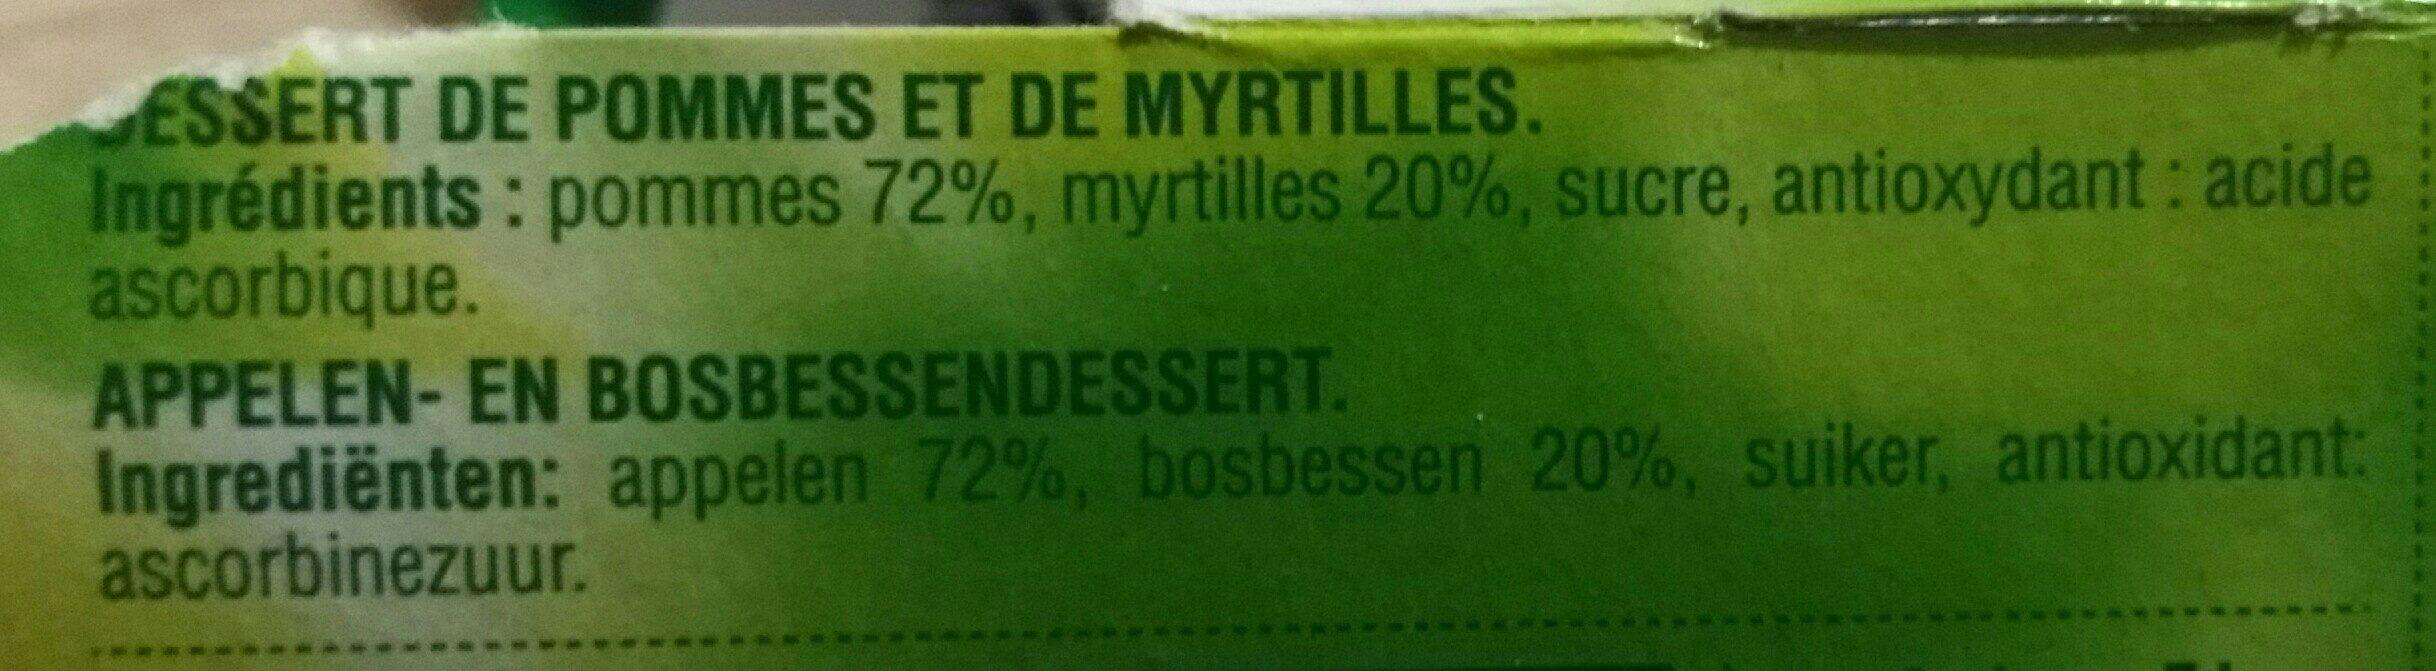 Pomme Myrtille - Ingredients